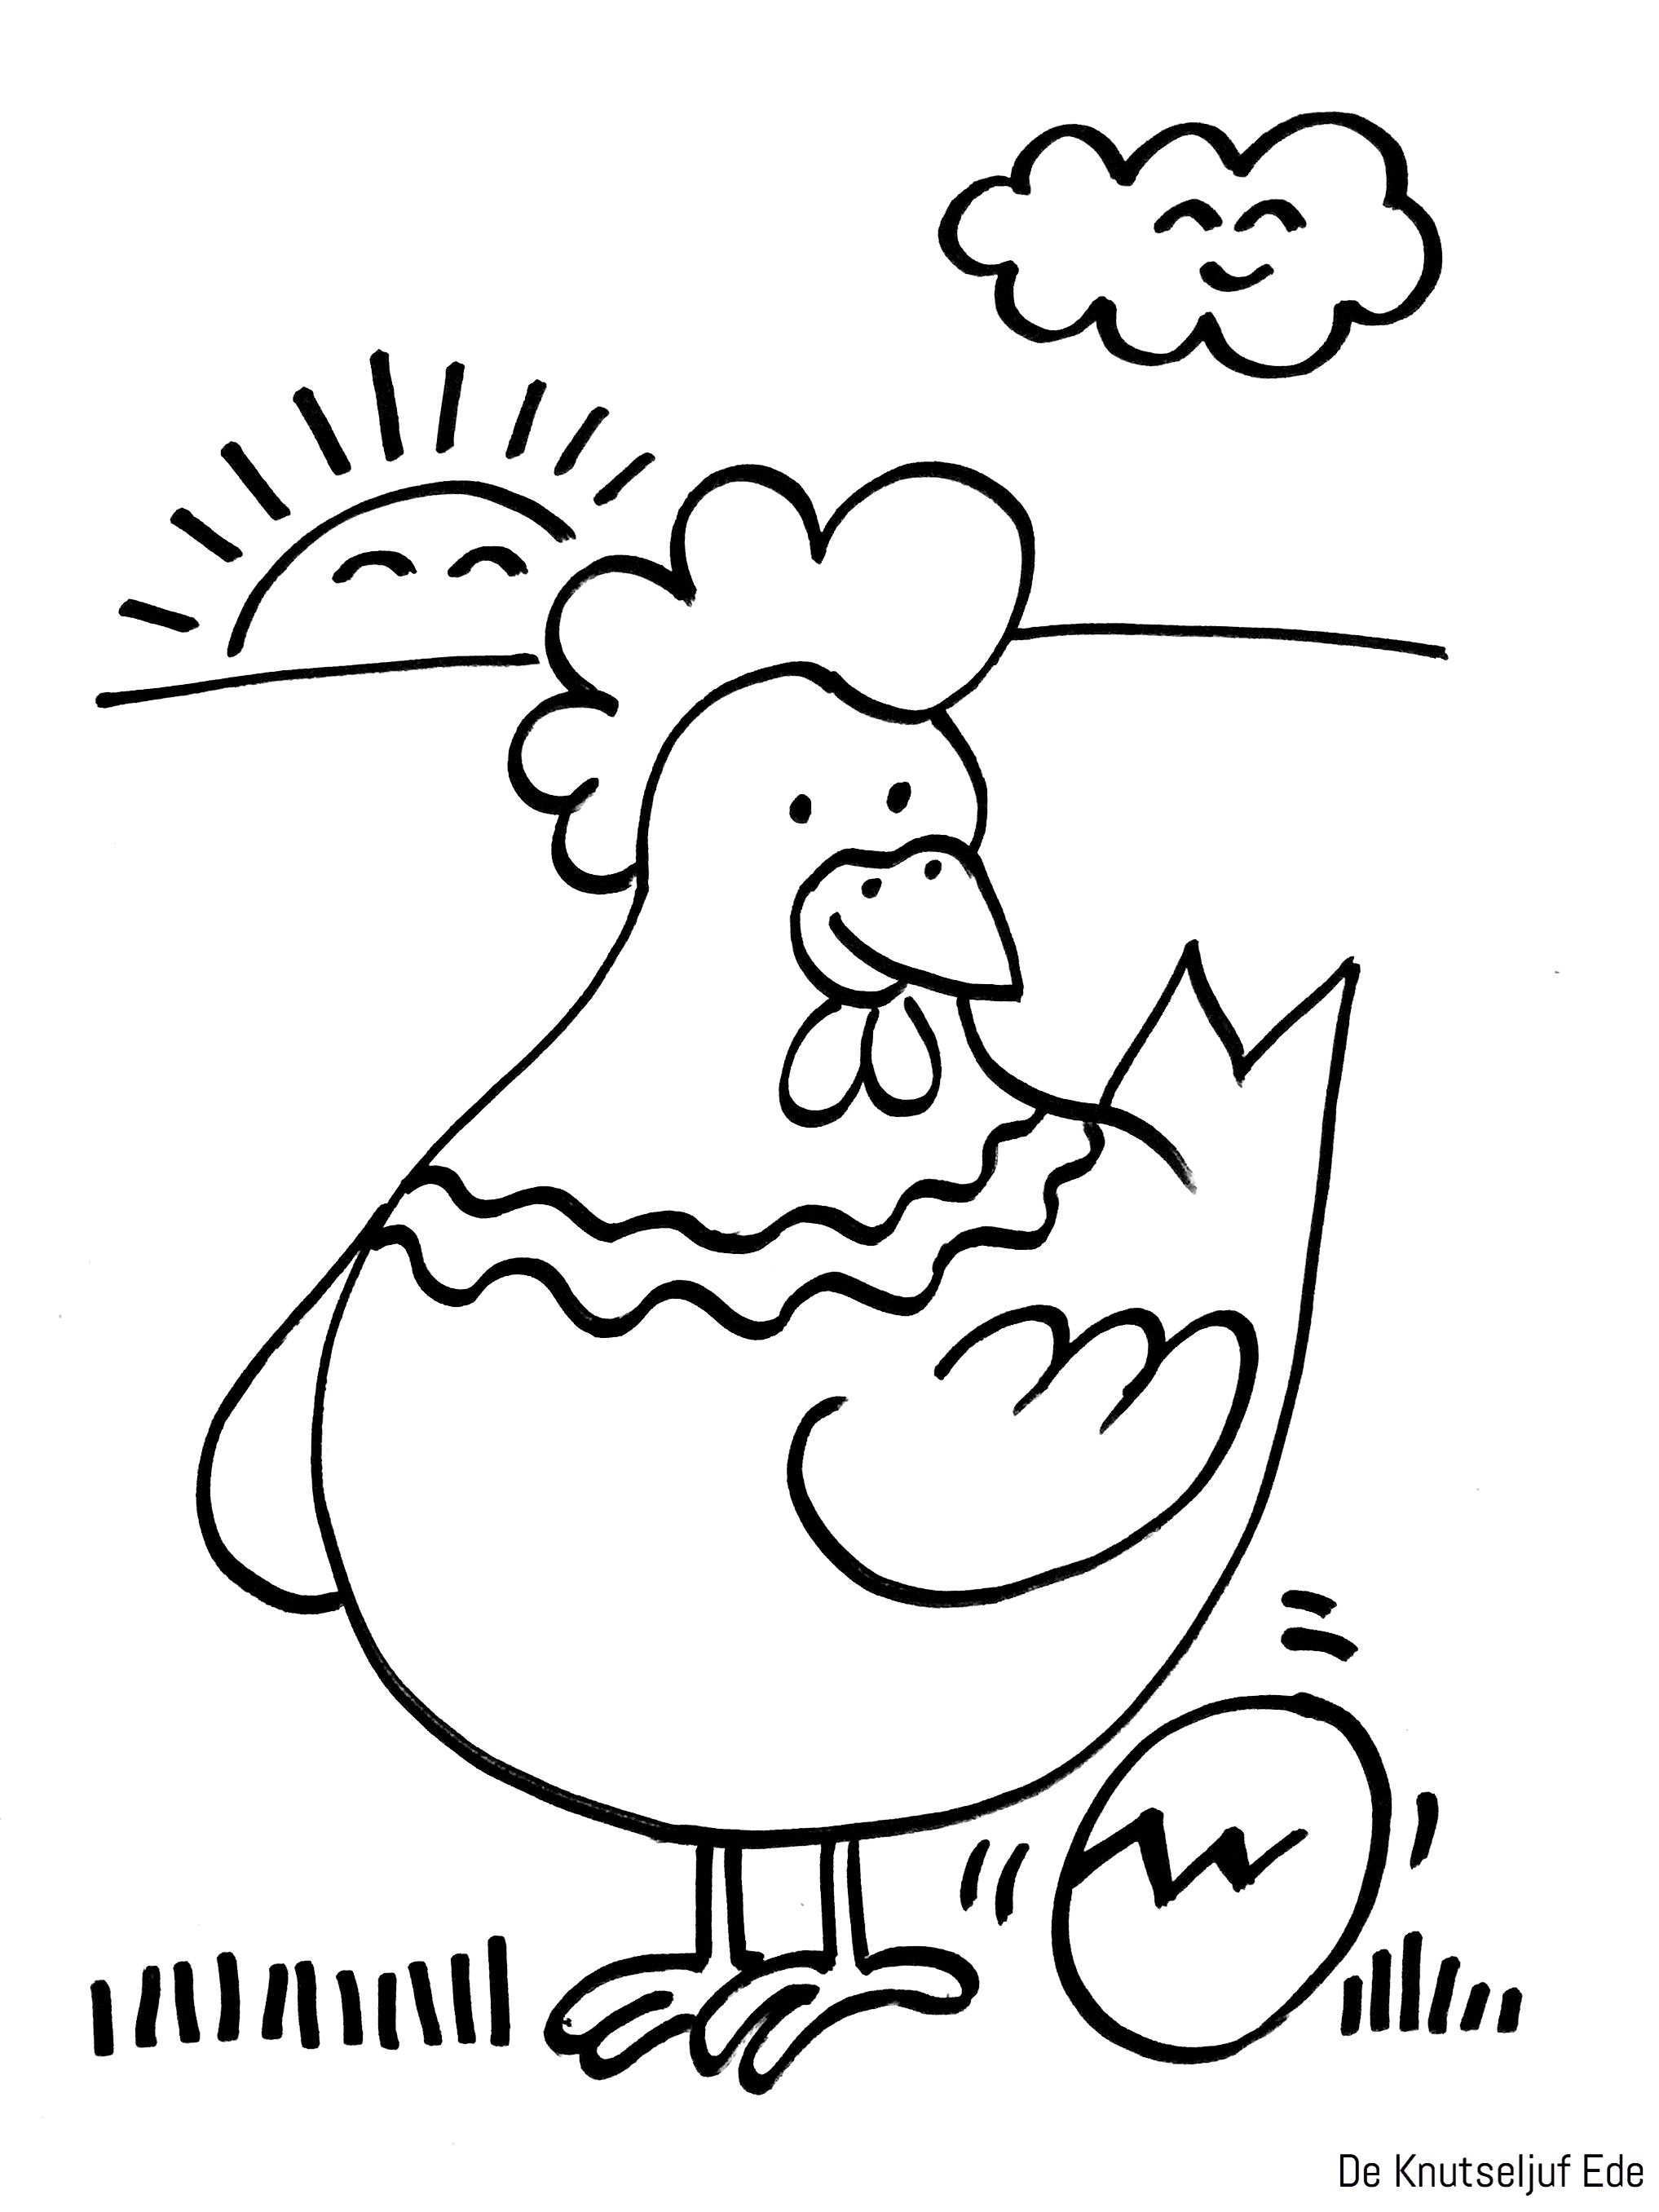 Kippen Kleurplaten Kippen Kippetjes Kuikens Kleurplaat Haan Haantjes Pasen Paaskippen Kleuren Kleurplaat Kle Kip Knutselen Paaskuiken Kippen En Kuikens